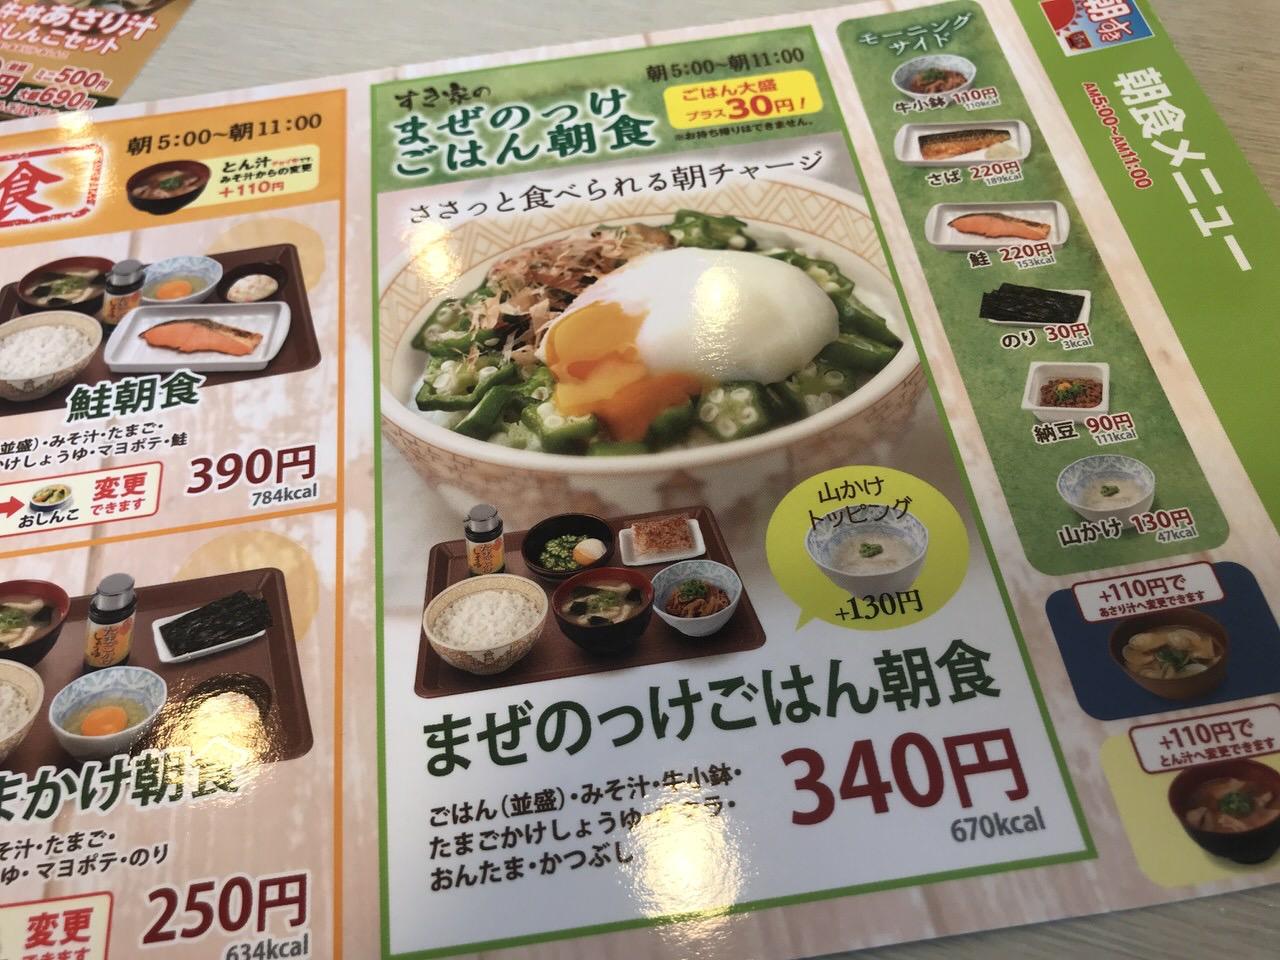 すき家 朝食メニュー 2